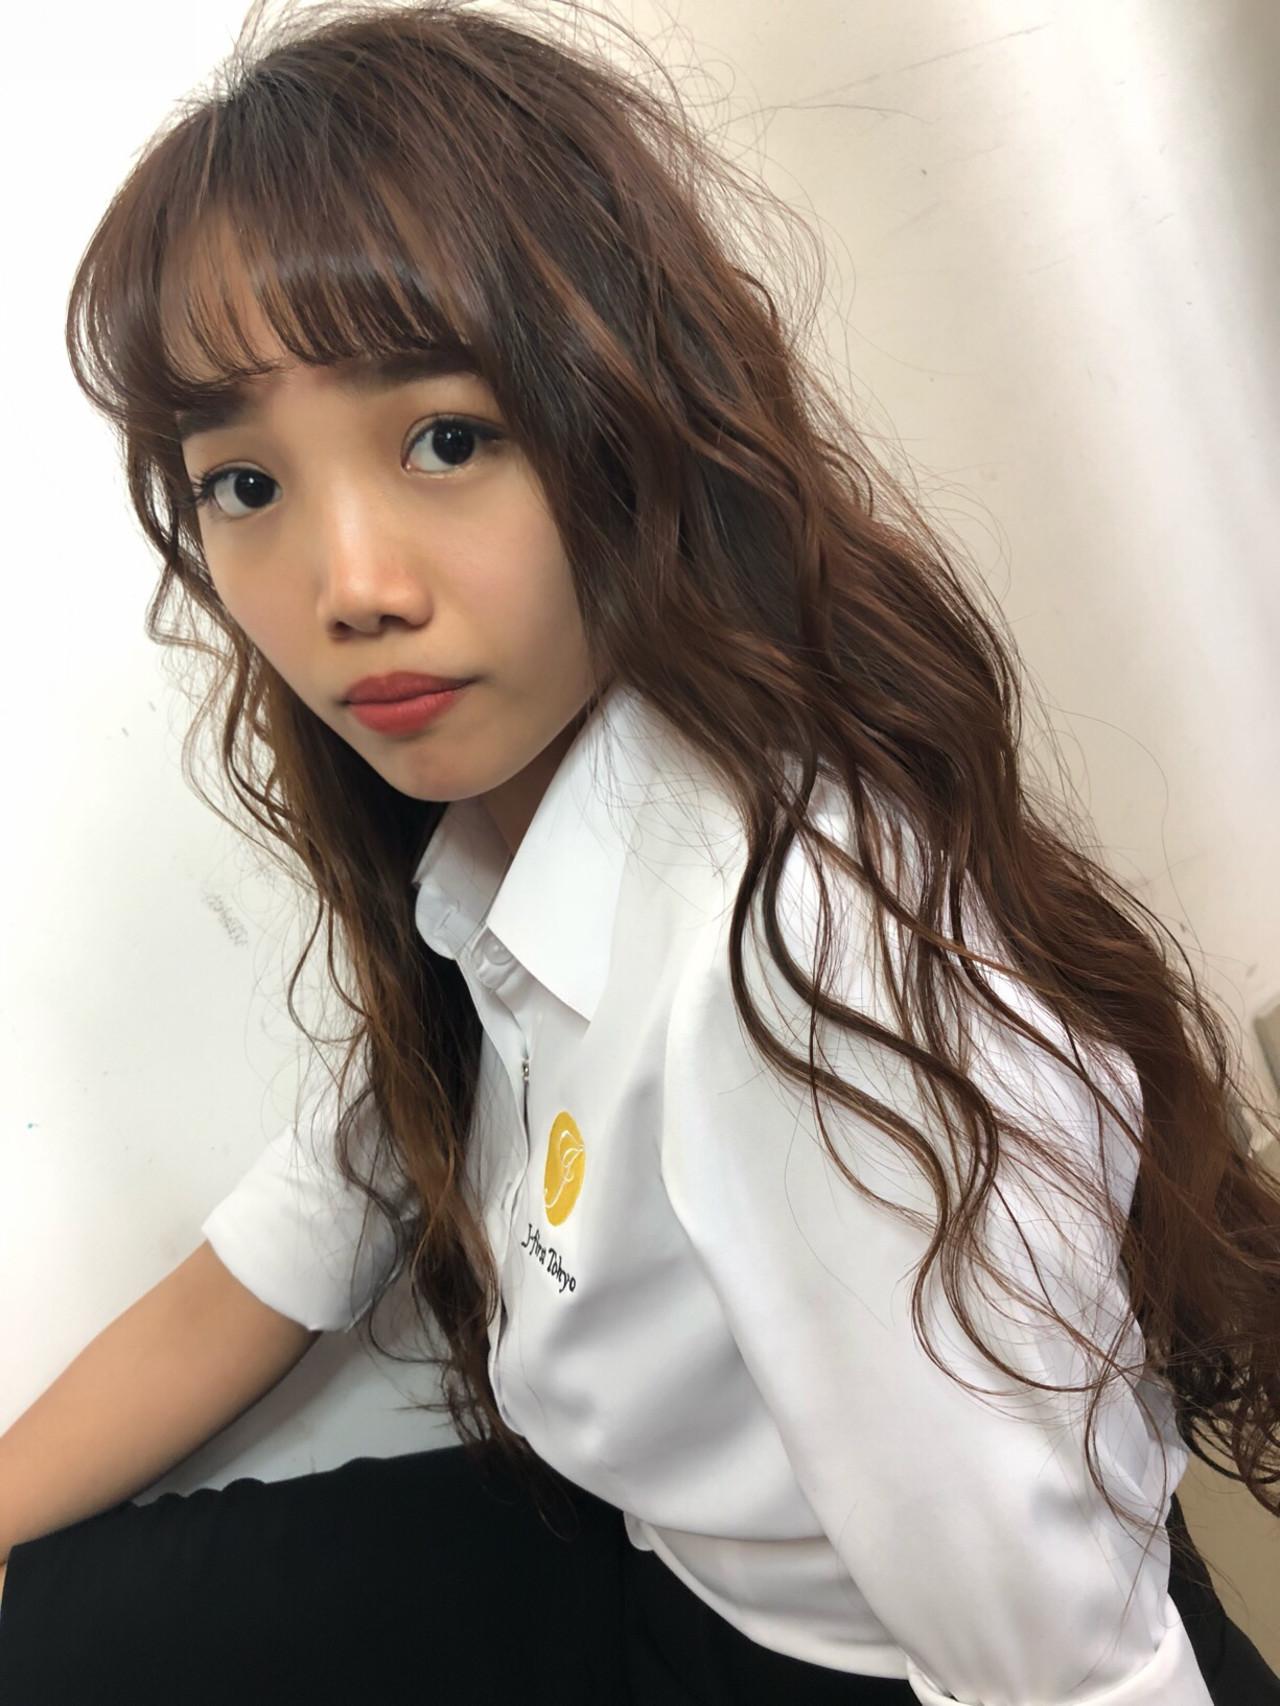 デート オフィス ヘアアレンジ ナチュラル ヘアスタイルや髪型の写真・画像 | 筒井 隆由 / Hair salon mode